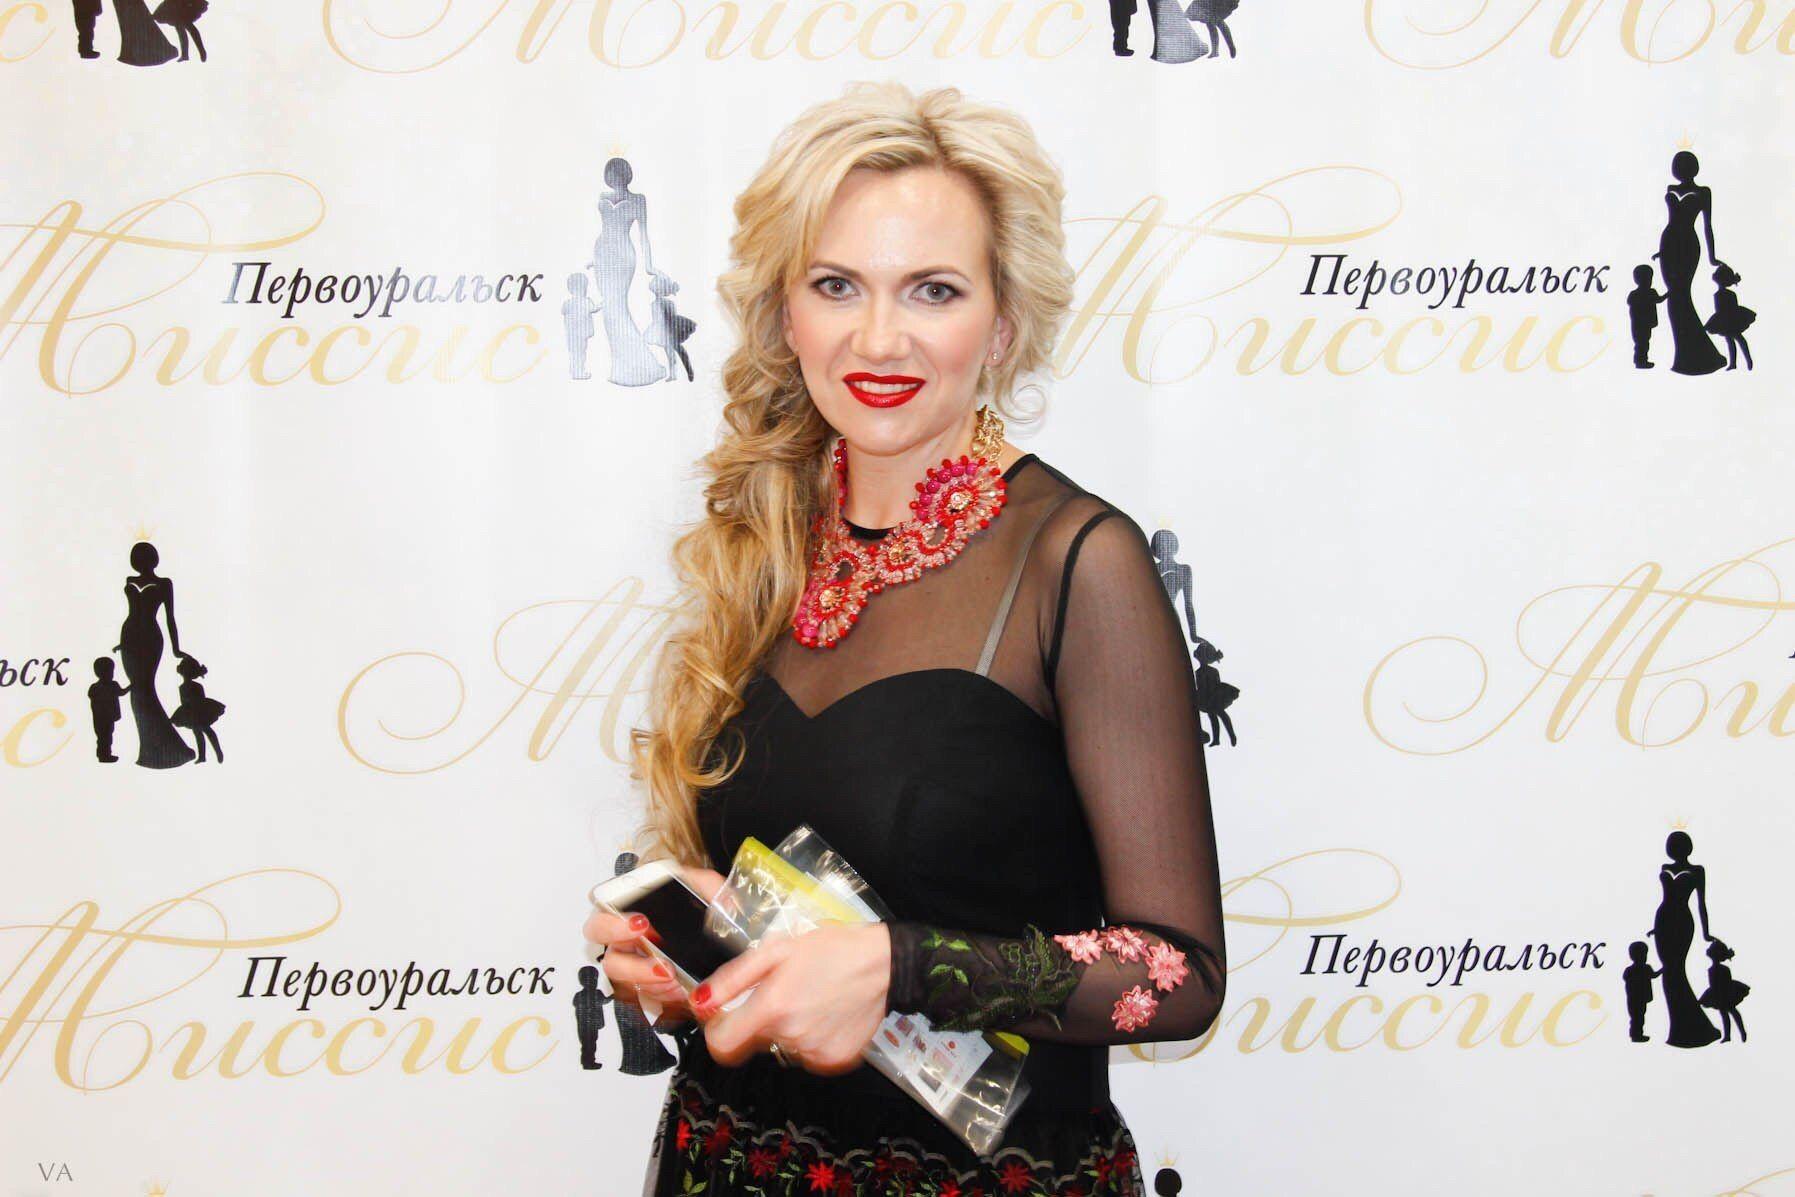 """Яна Плотникова Фото - личный аккаунт Яны """"ВКонтакте"""""""